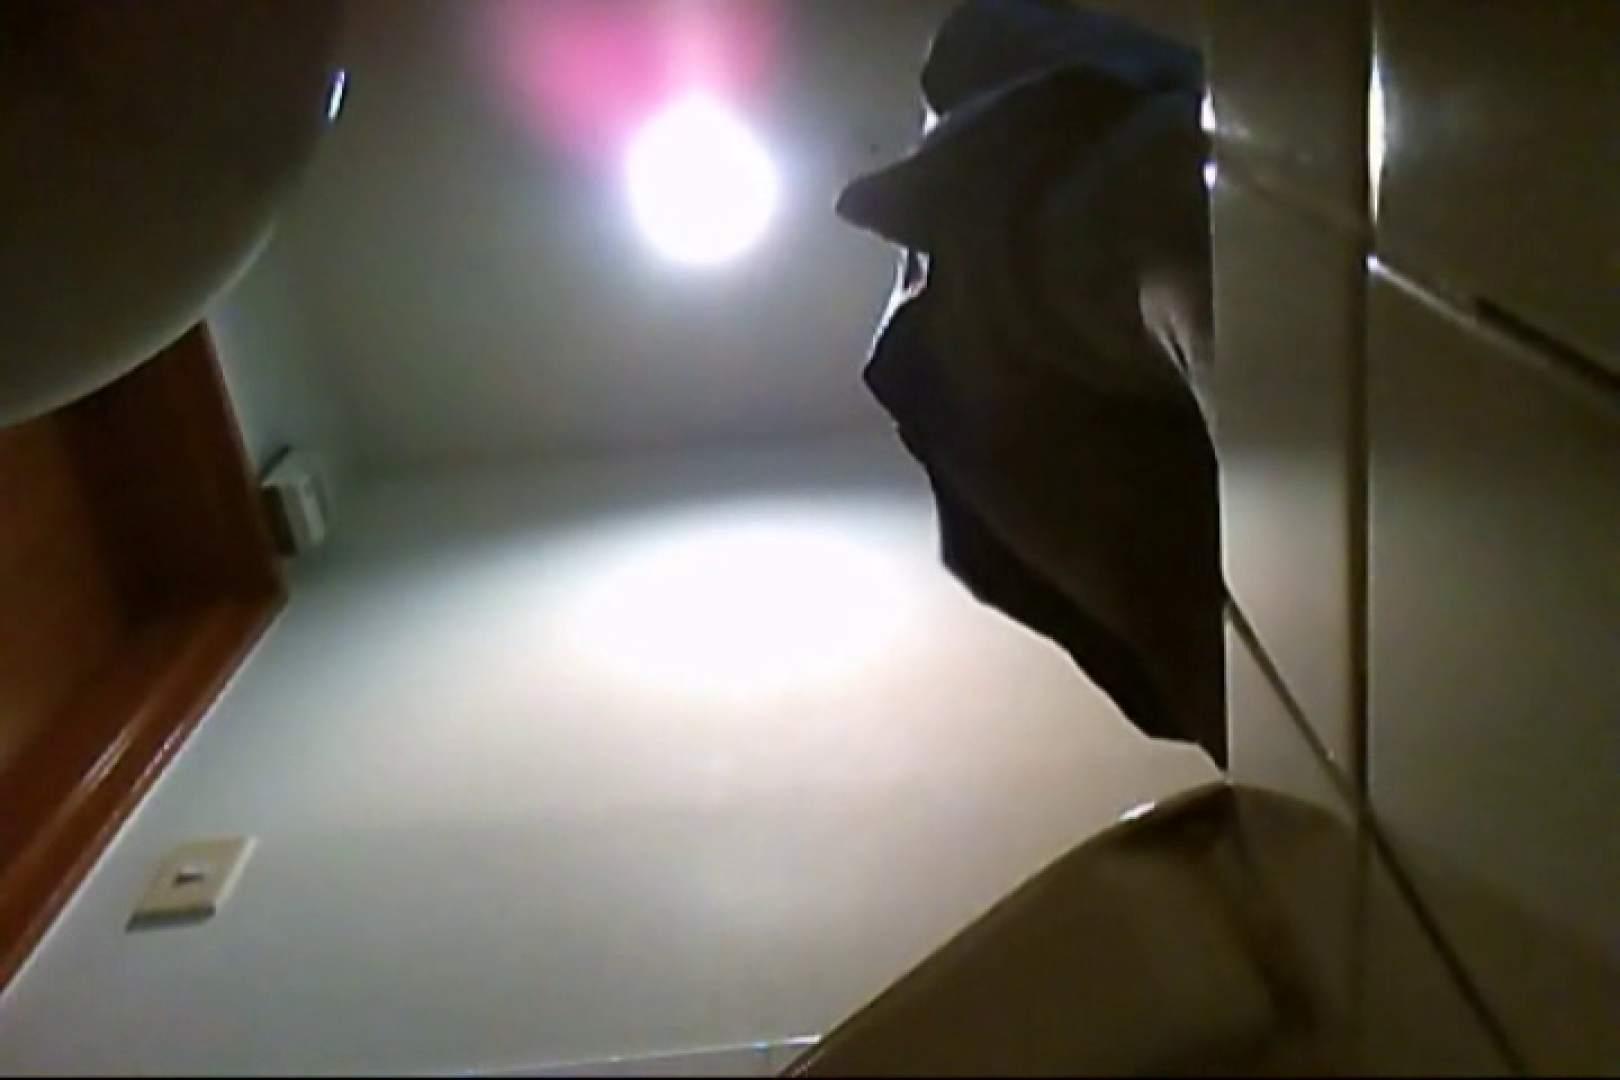 Gボーイ初投稿!掴み取りさんの洗面所覗き!in新幹線!VOL.16 完全無修正でお届け | おやじ熊系ボーイズ  77pic 37